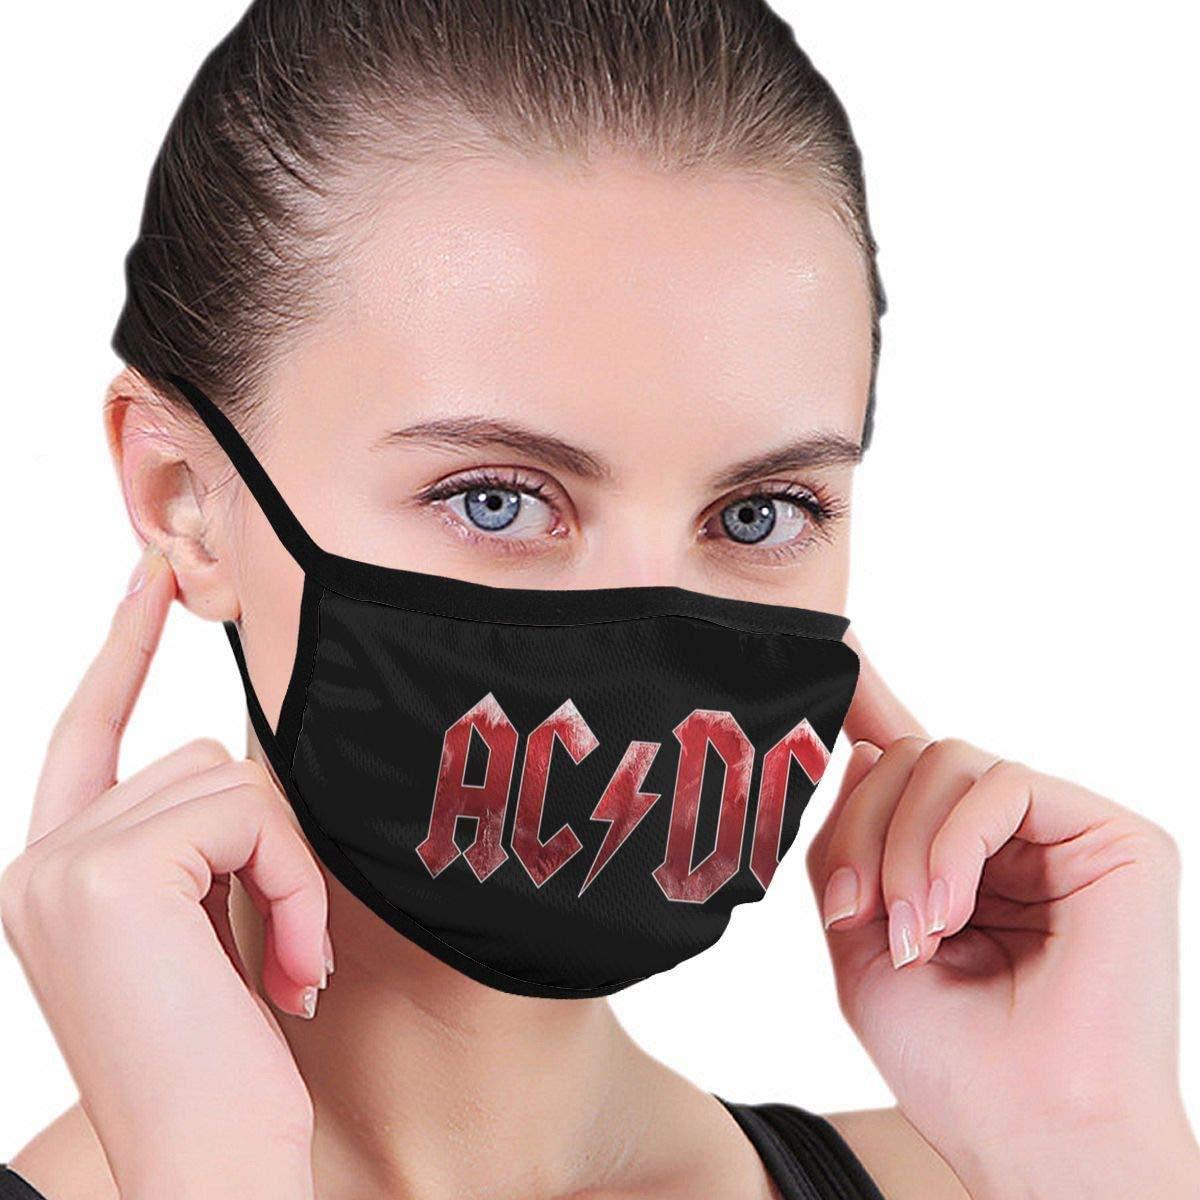 HAIRUSU AC-DC Maschere antipolvere alla moda unisex Modello elegante Maschera per uomini Donne Attività all'aperto